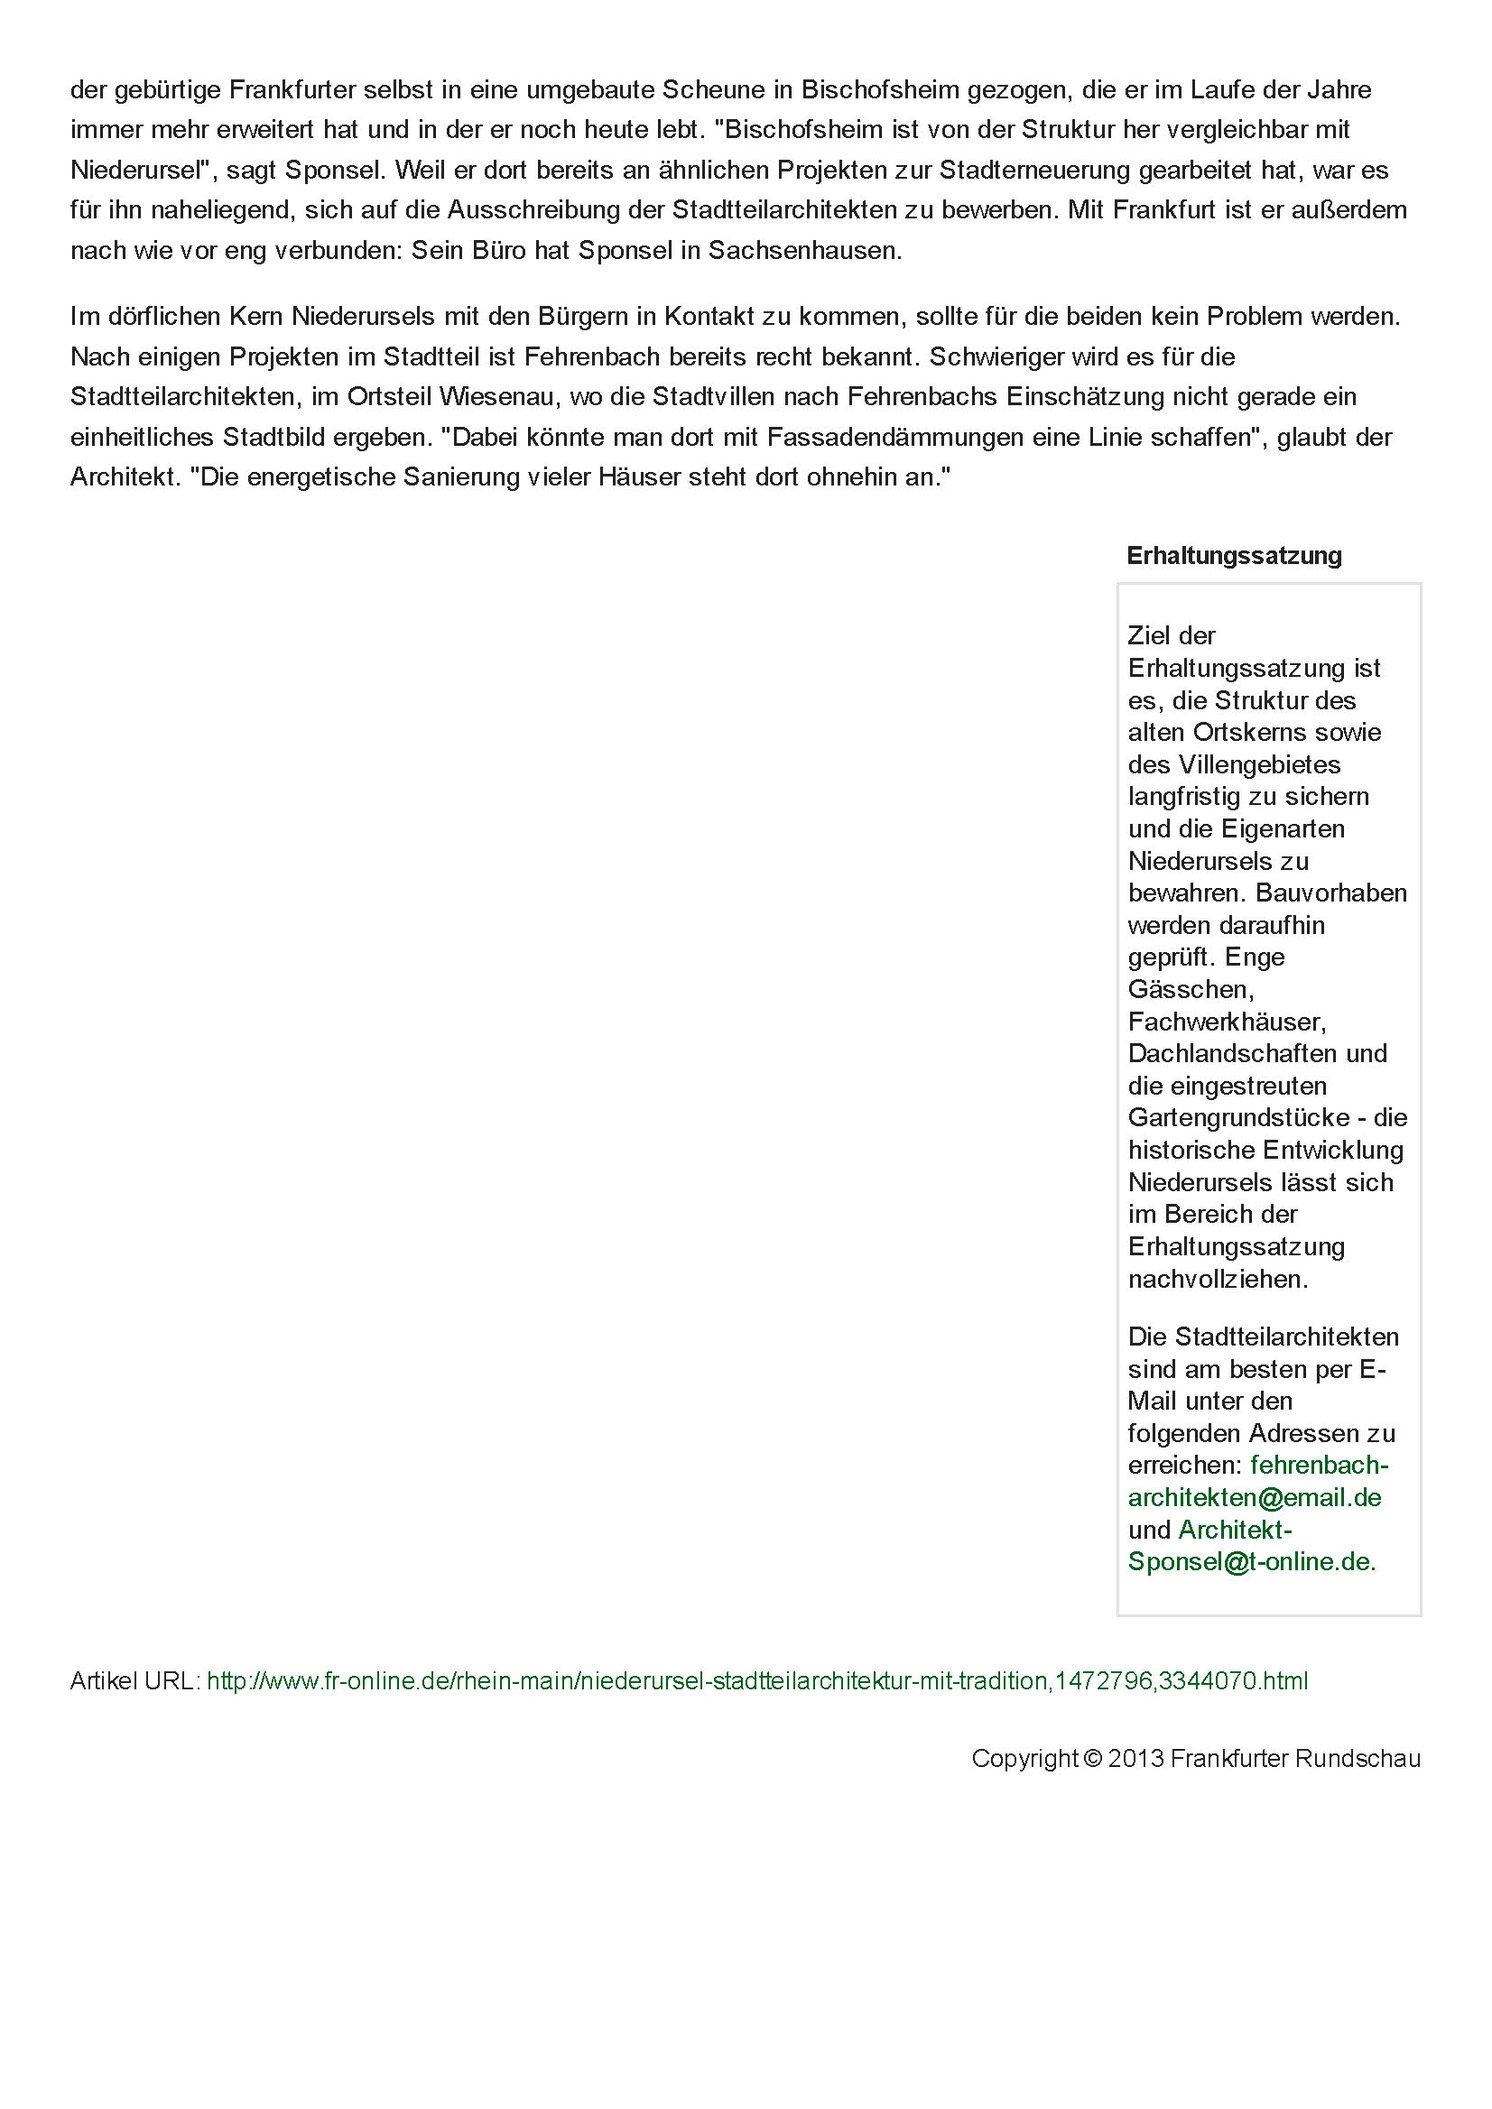 Frankfurter Rundschau - Stadtteilarchitektur mit Tradition_Seite_2.jpg